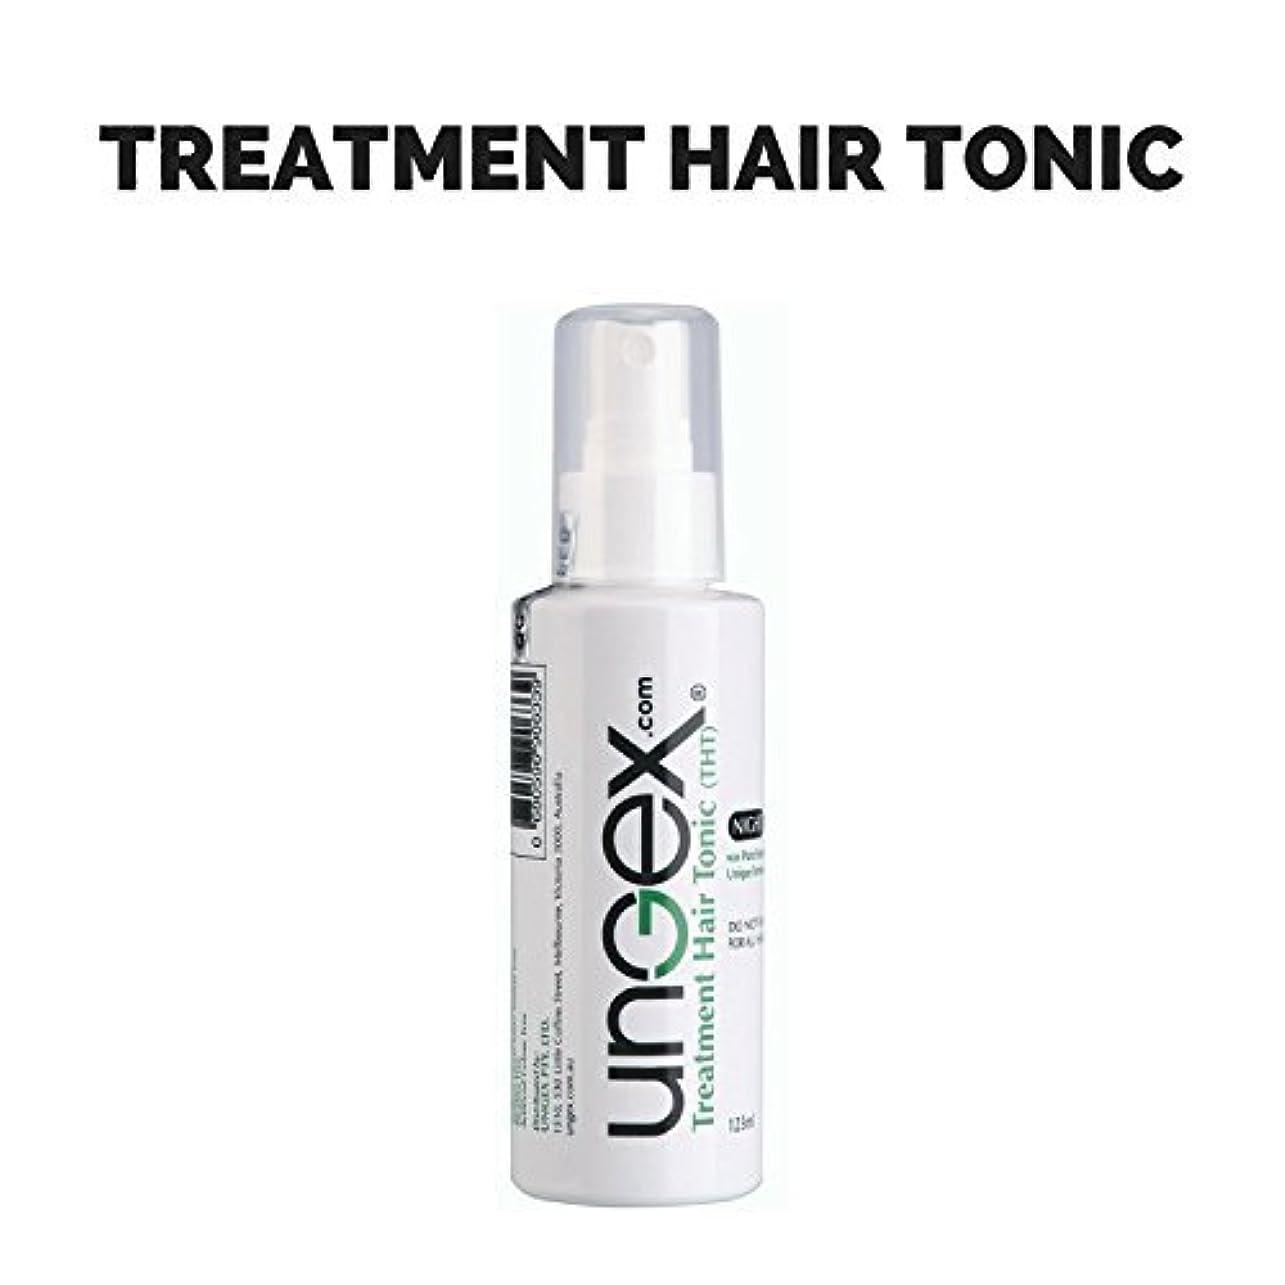 幻想的不快謝るTreatment Hair Tonic - Protect Scalp and Soothe Itching from Demodex Mites